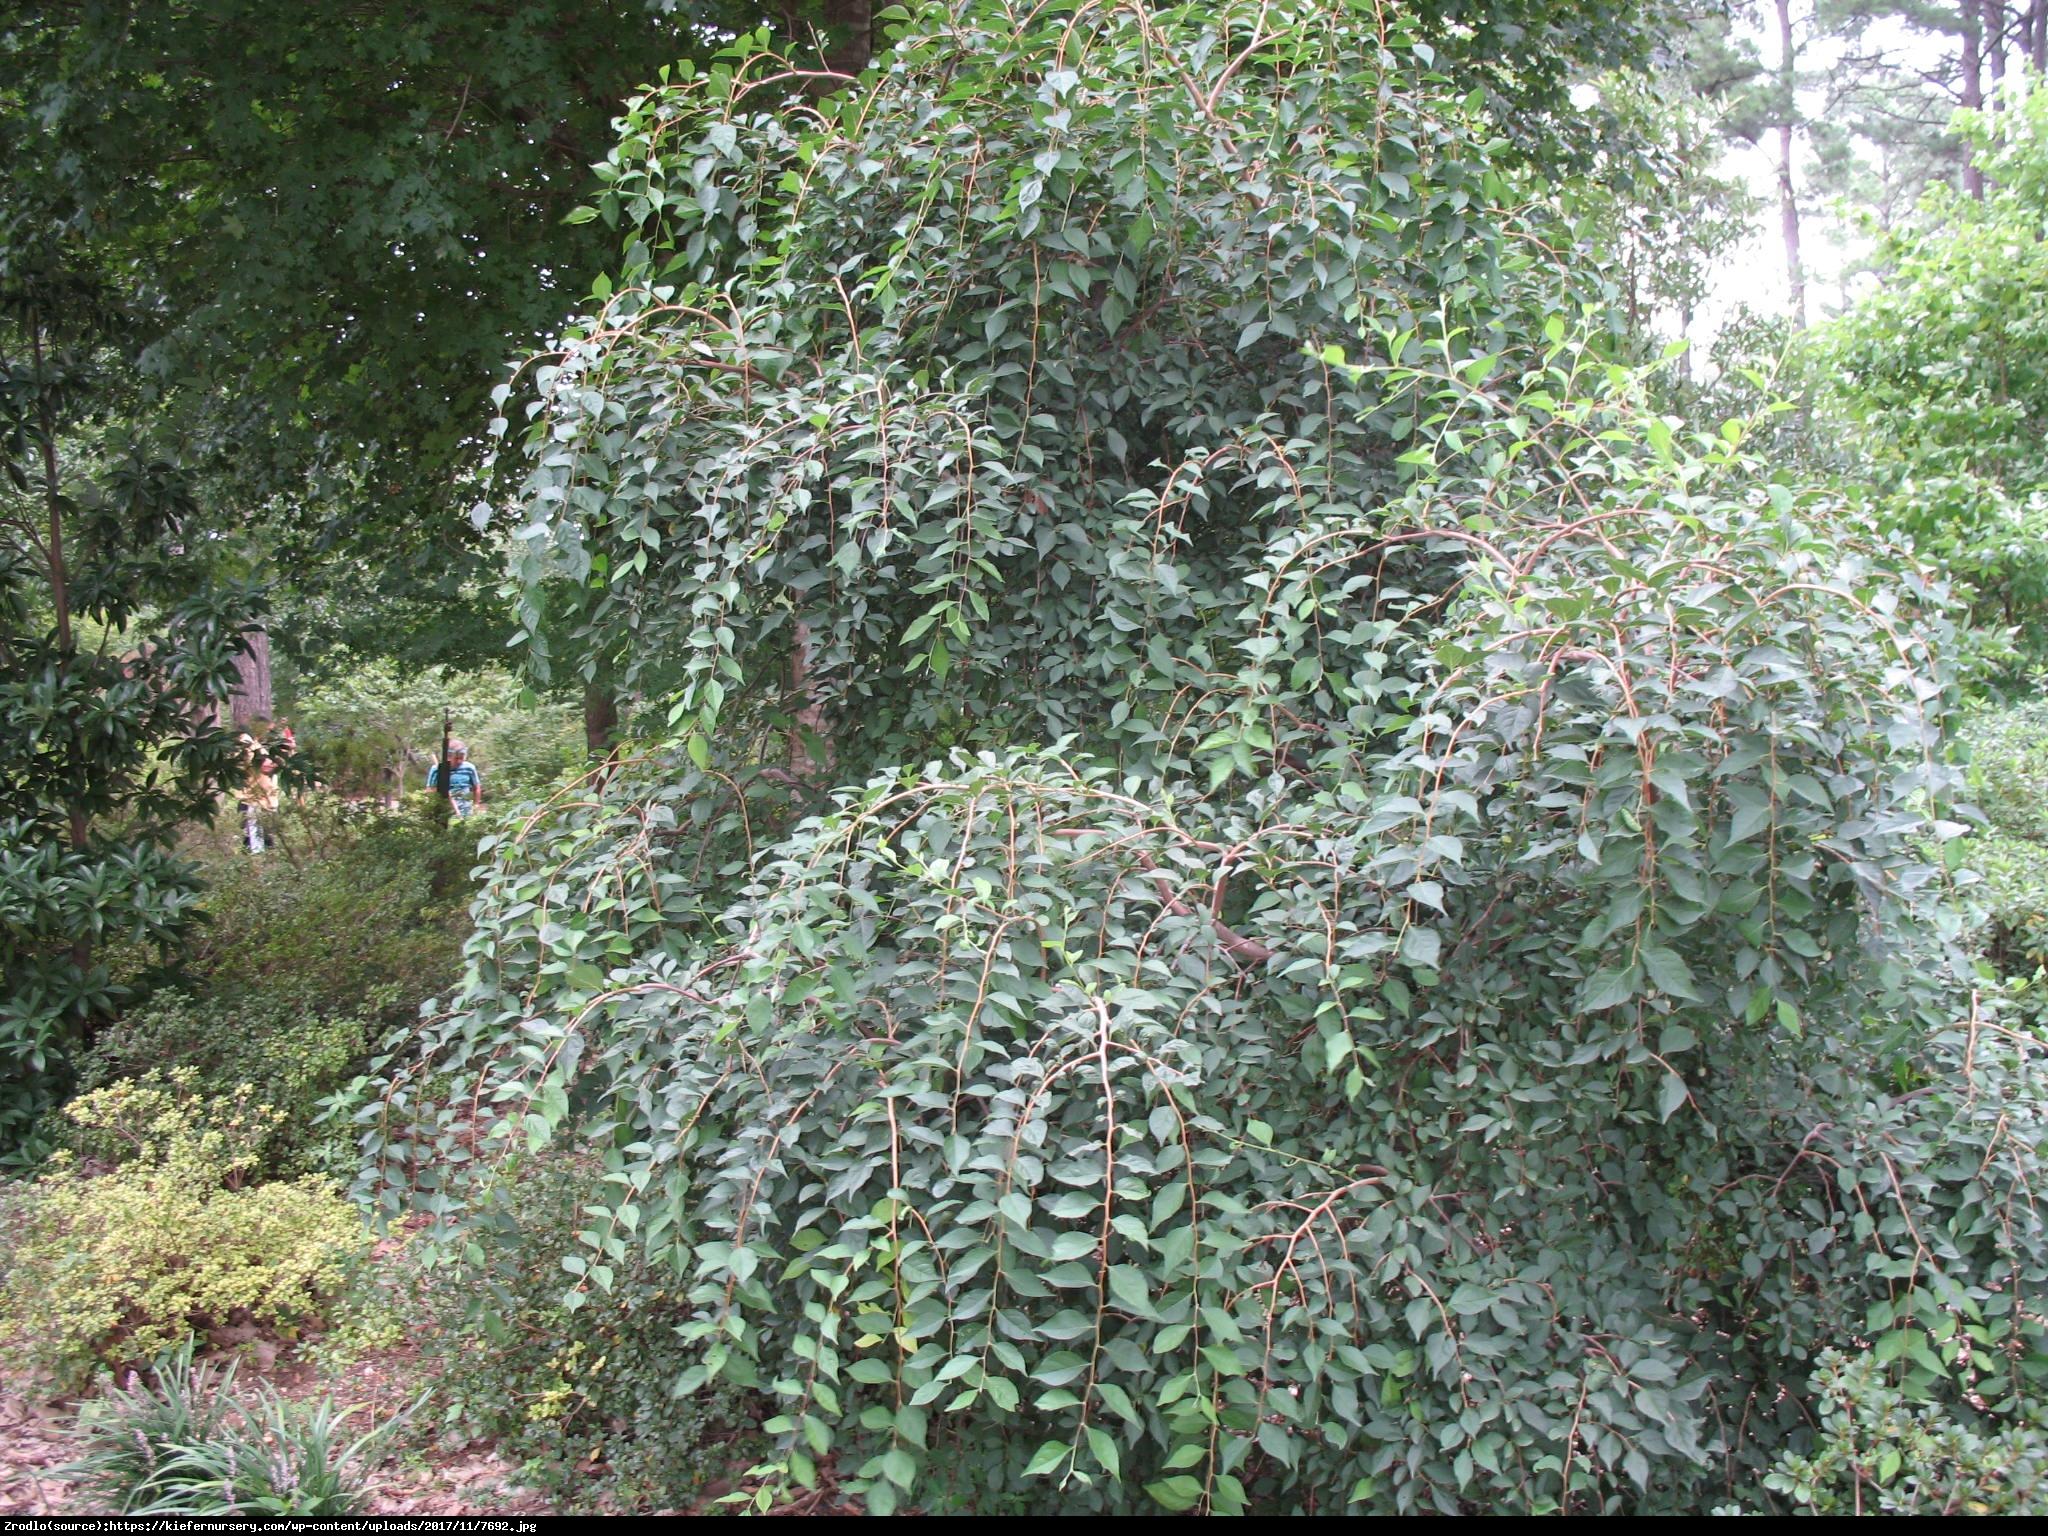 Styrak japoński Pendula - POKRÓJ PŁACZĄCY - Styrax japonicus Pendula